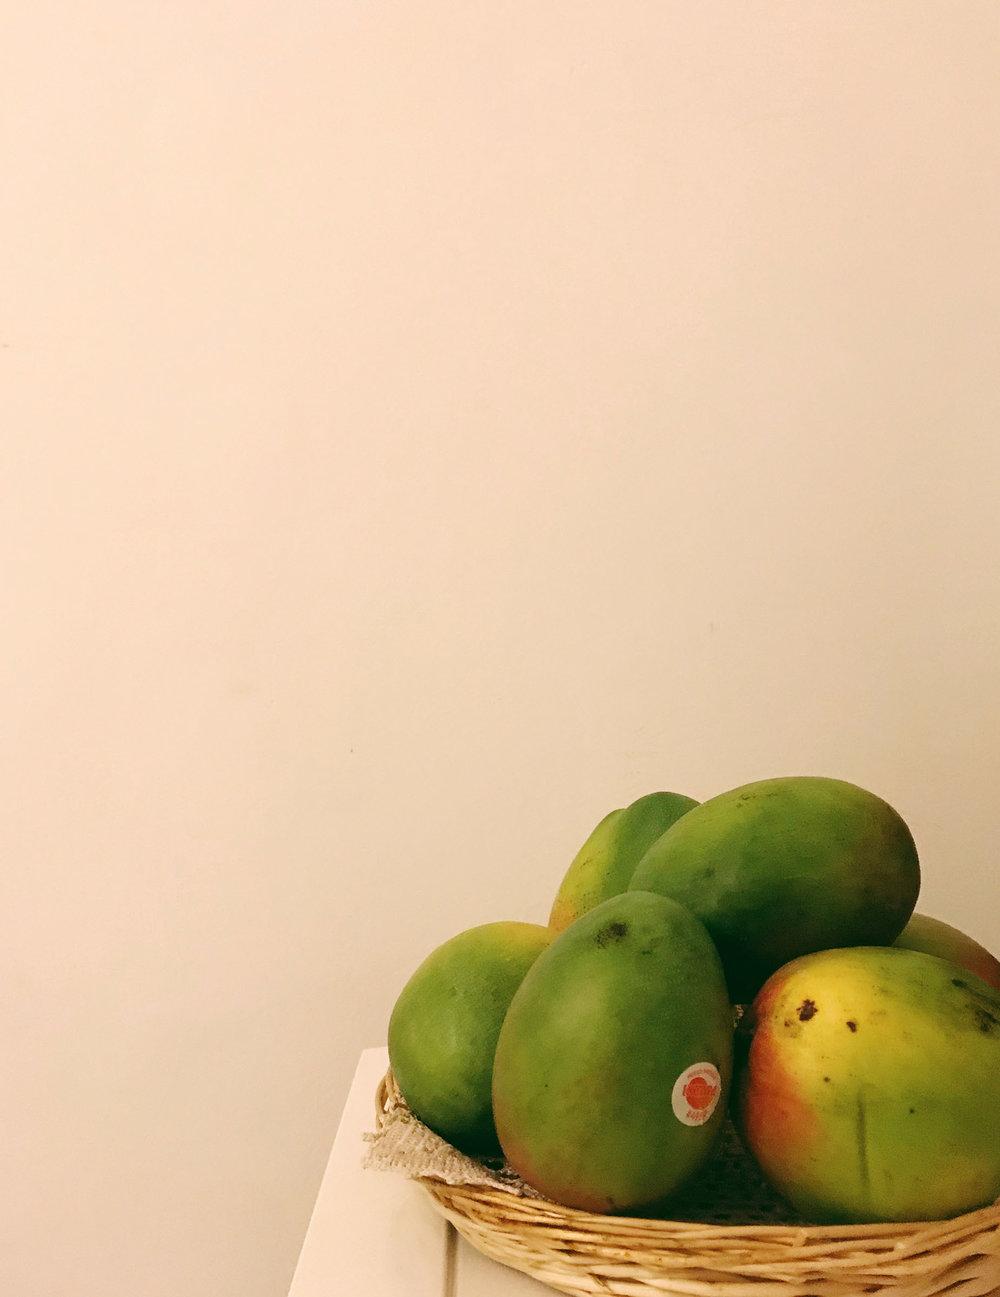 cdmx-01-mangoes.jpg